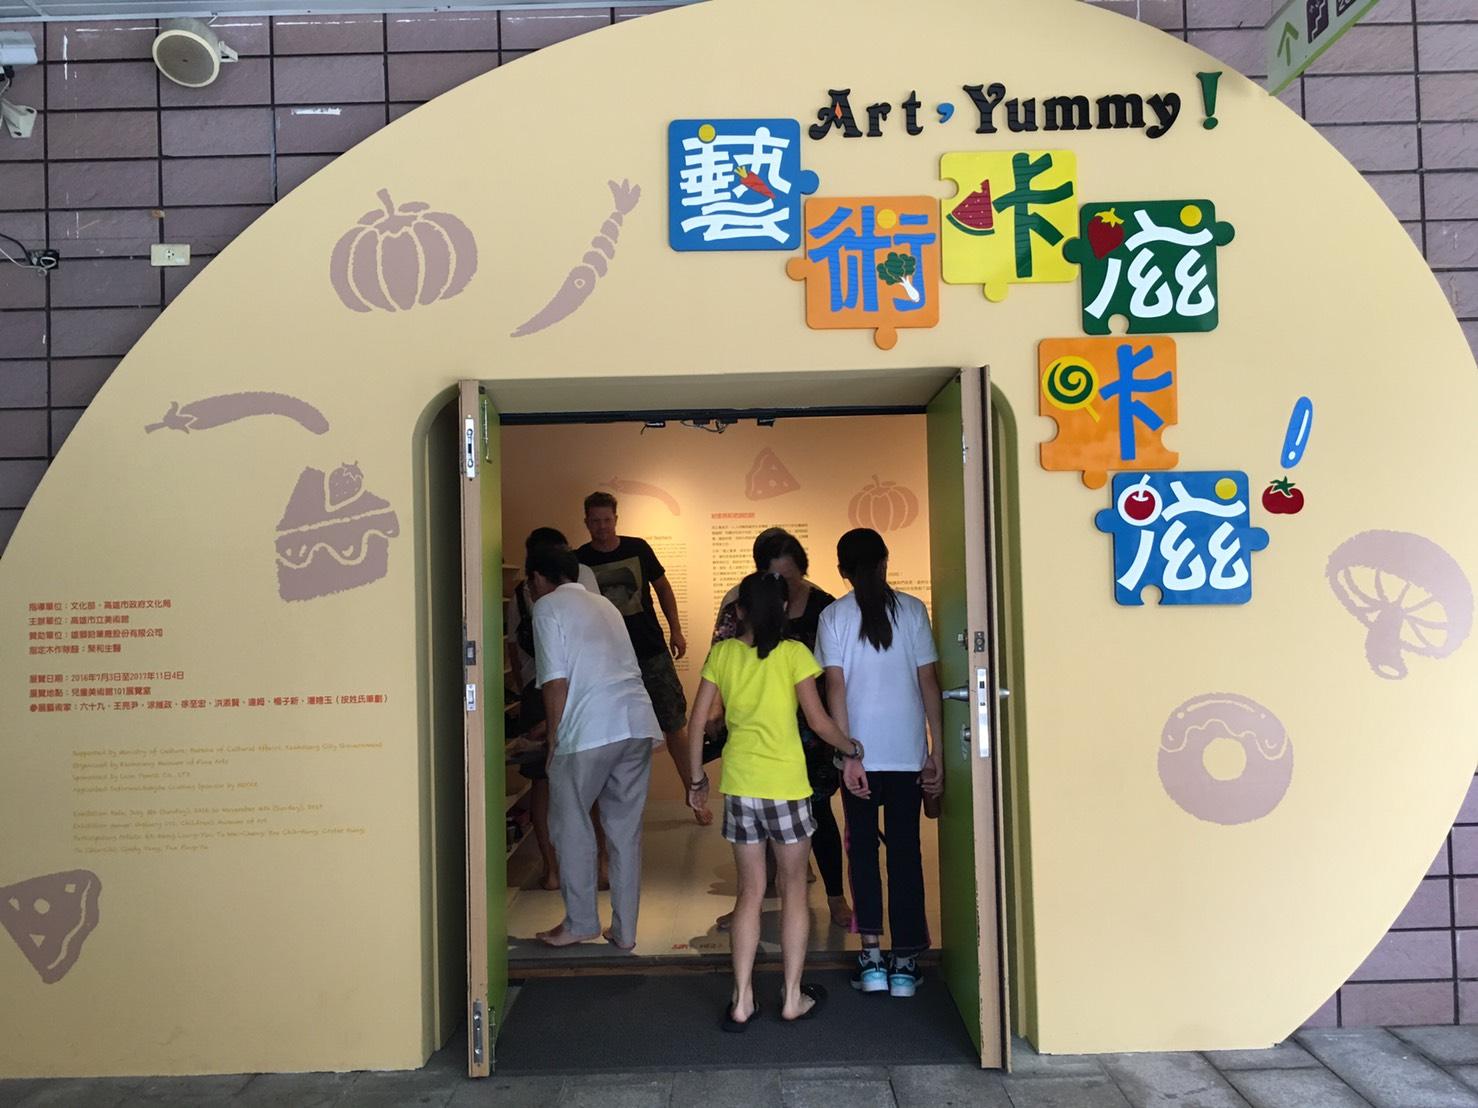 高雄市立兒童美術館-藝術~咔滋咔滋 Art, Yummy!